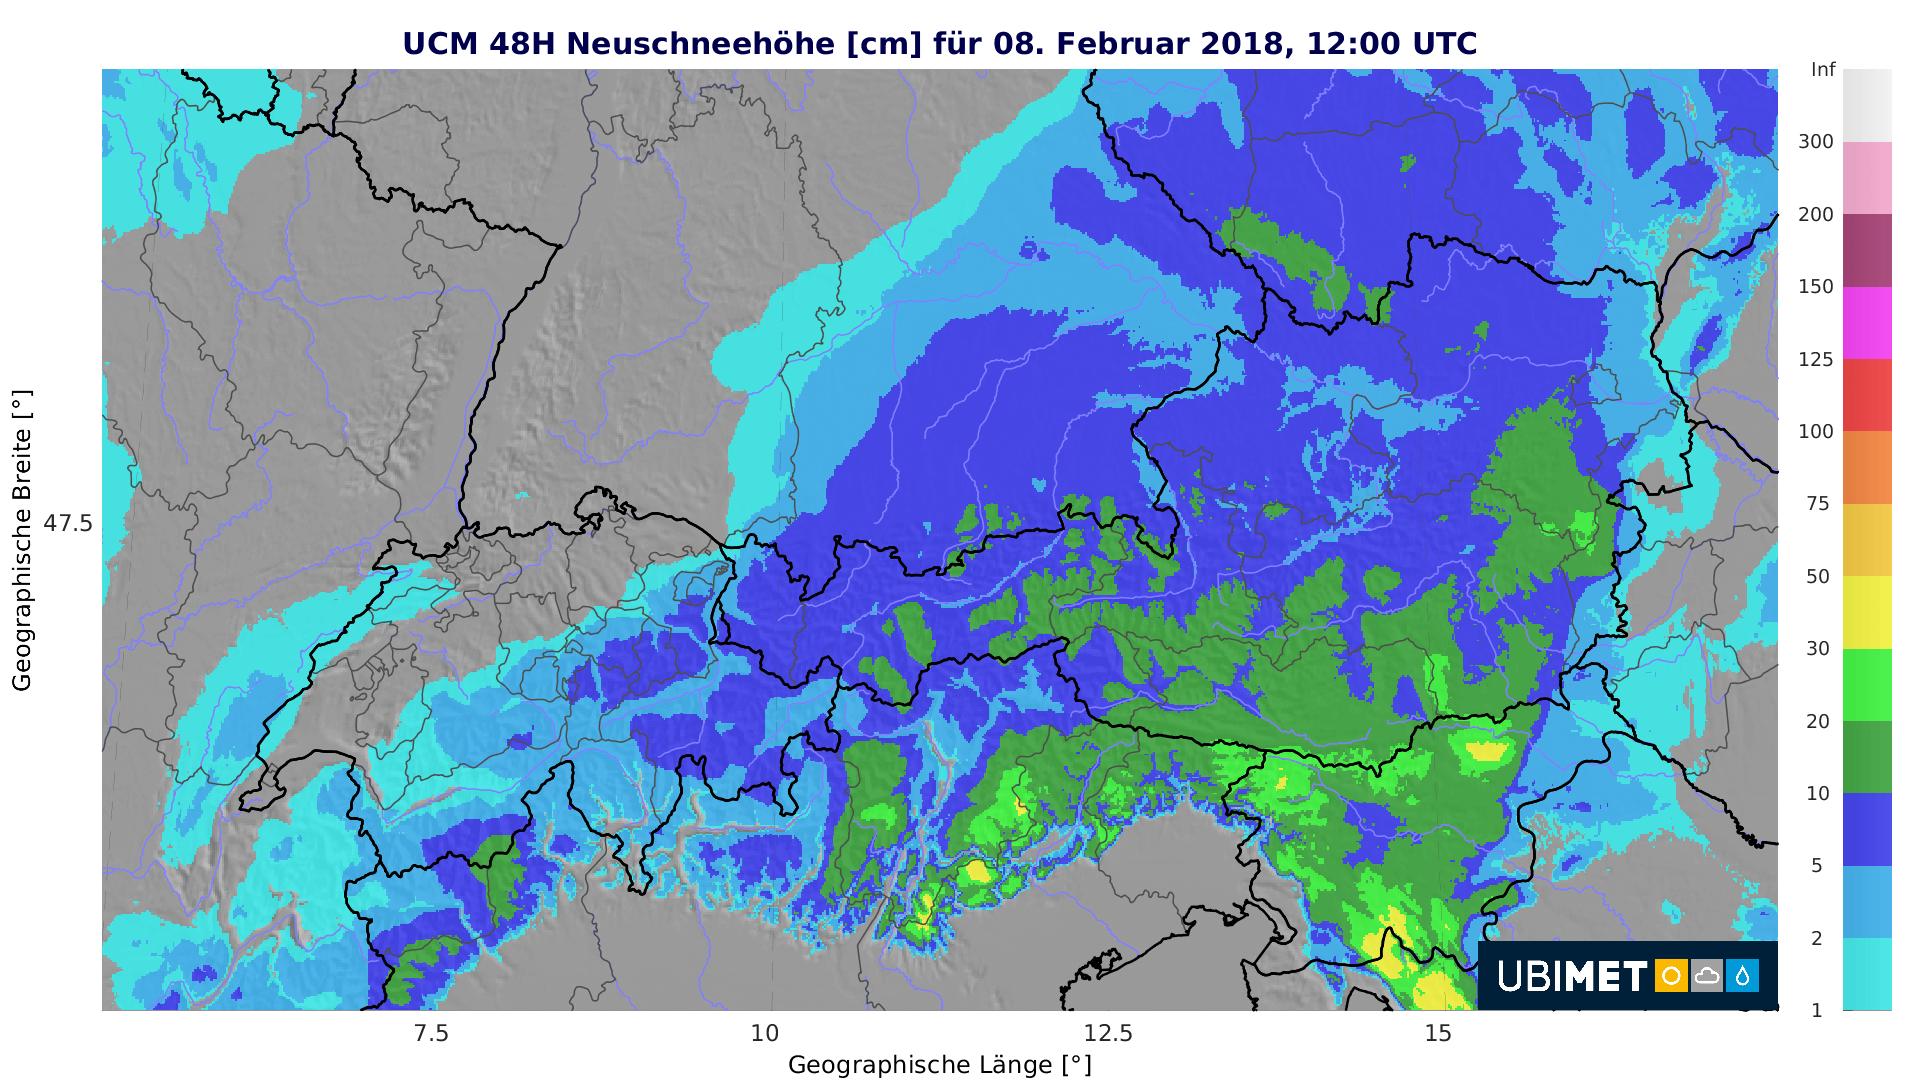 Schneemenge bis Donnerstagmittag. Quelle: UBIMET